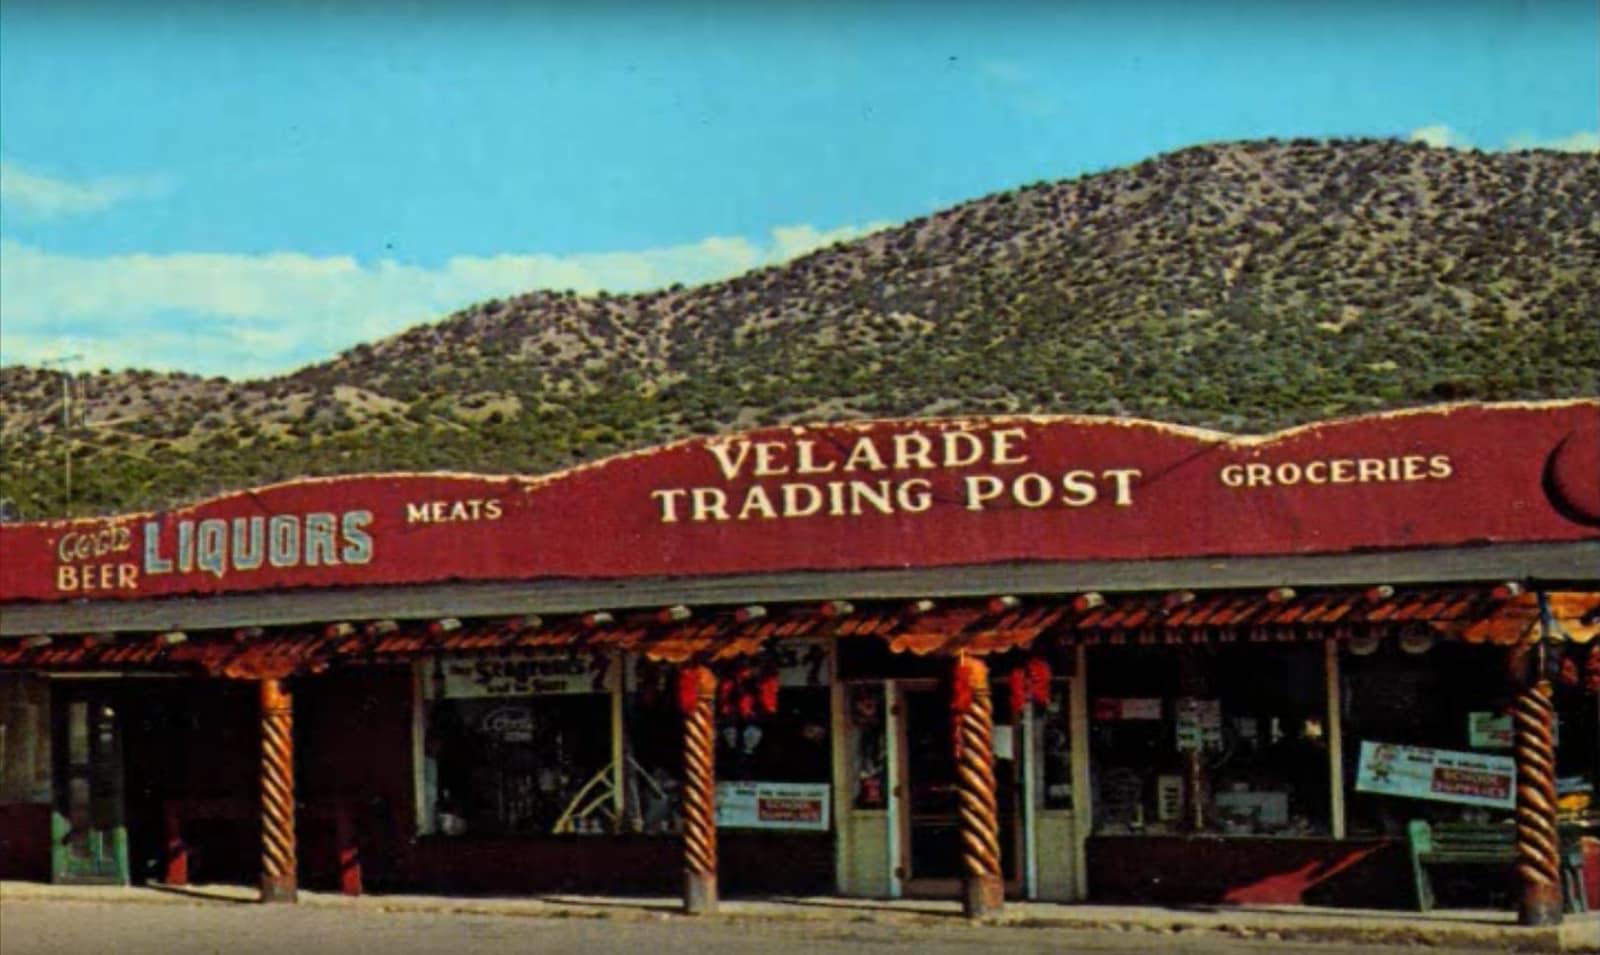 Outside Velarde Trading Post